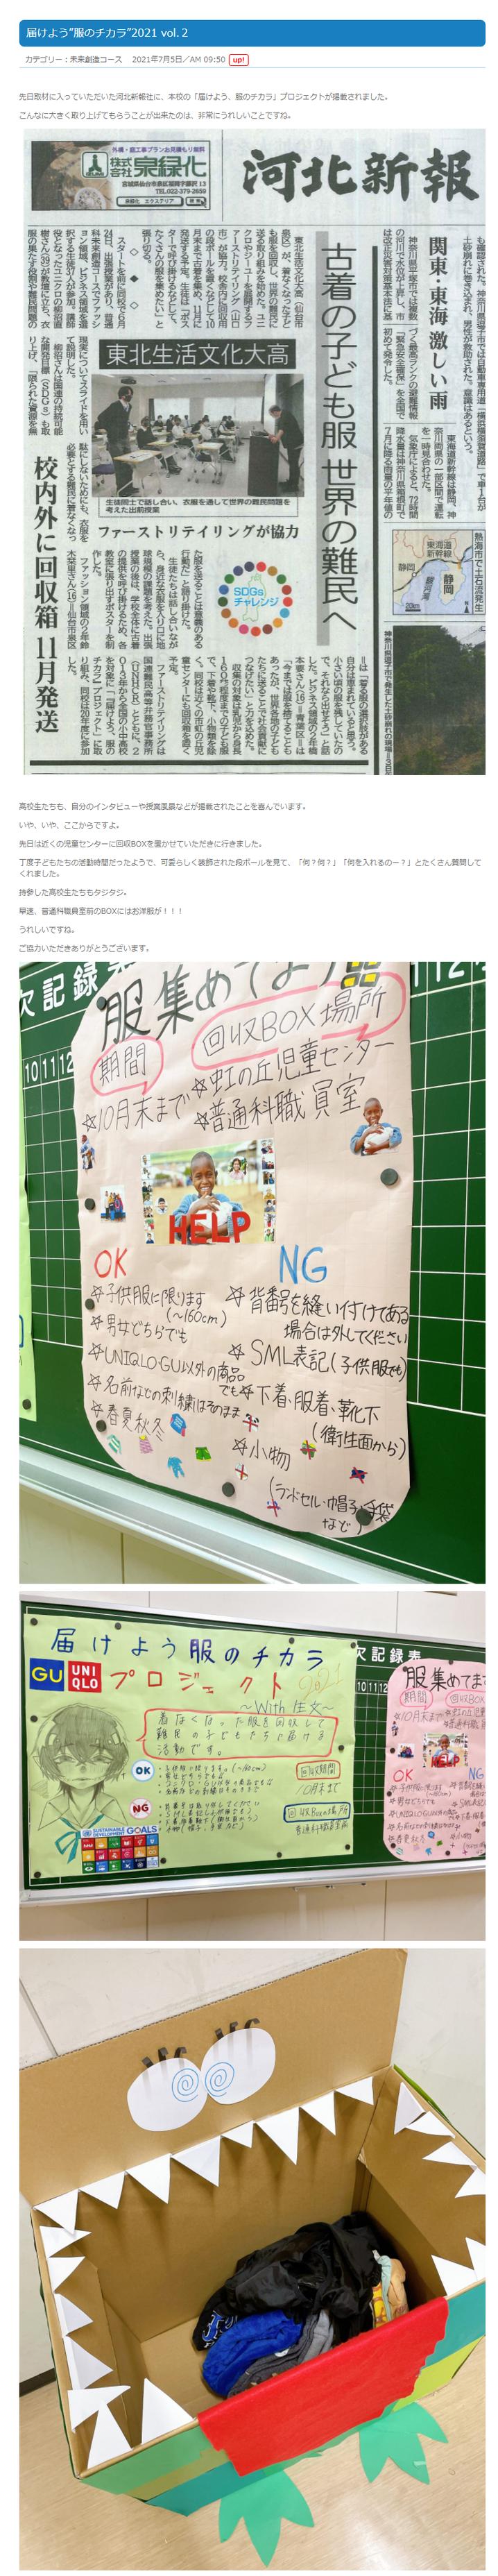 東北生活文化大学高校,正文高校,SDGS,持続可能な社会,服のチカラプロジェクト